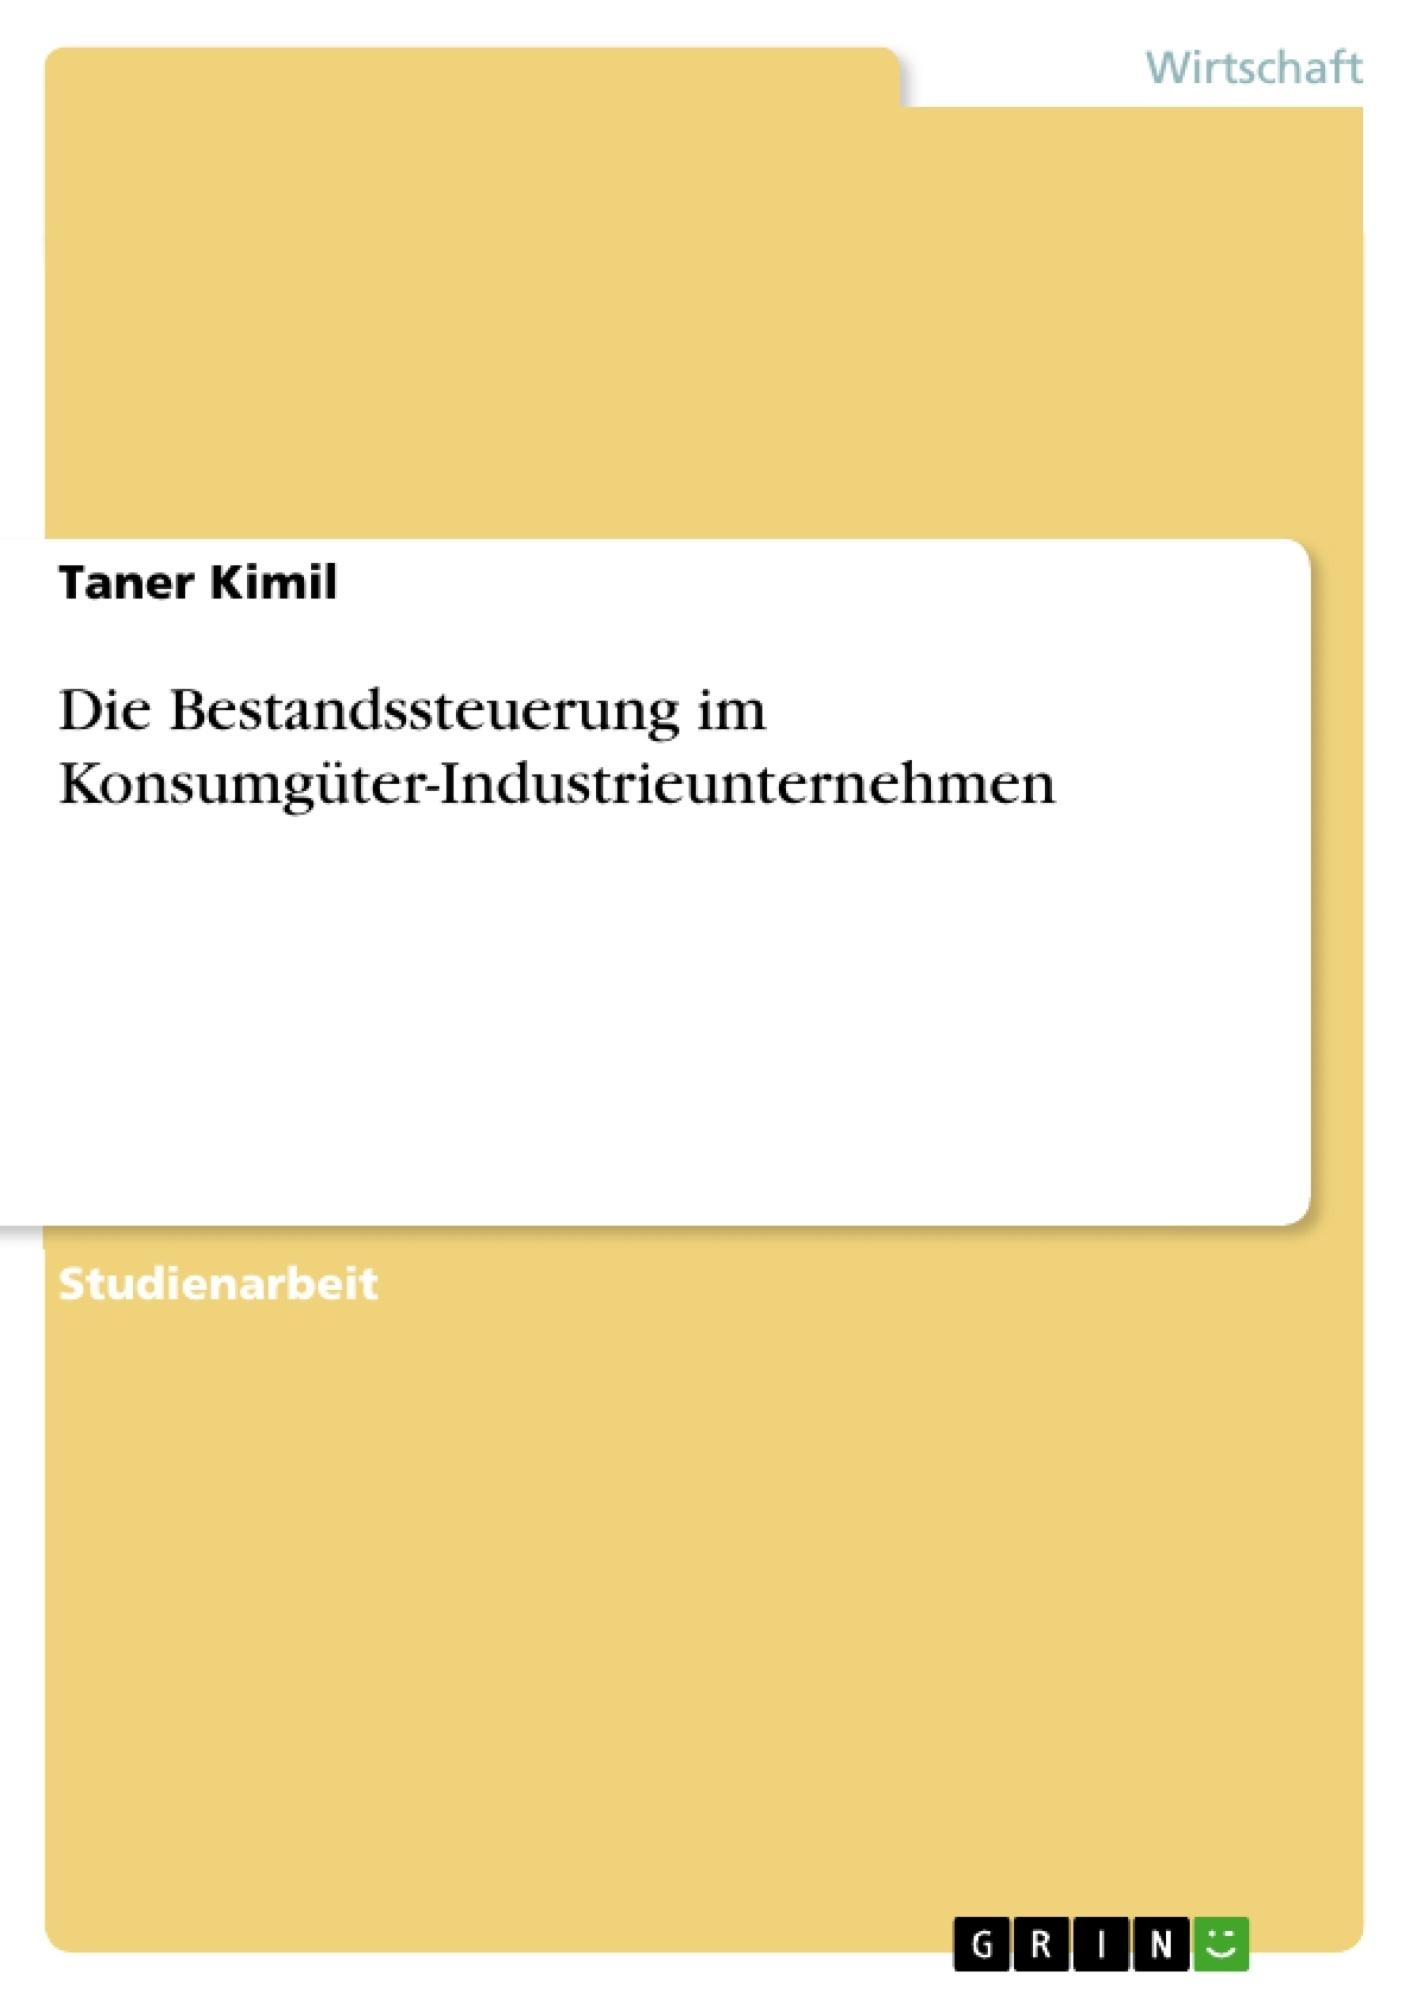 Titel: Die Bestandssteuerung im Konsumgüter-Industrieunternehmen